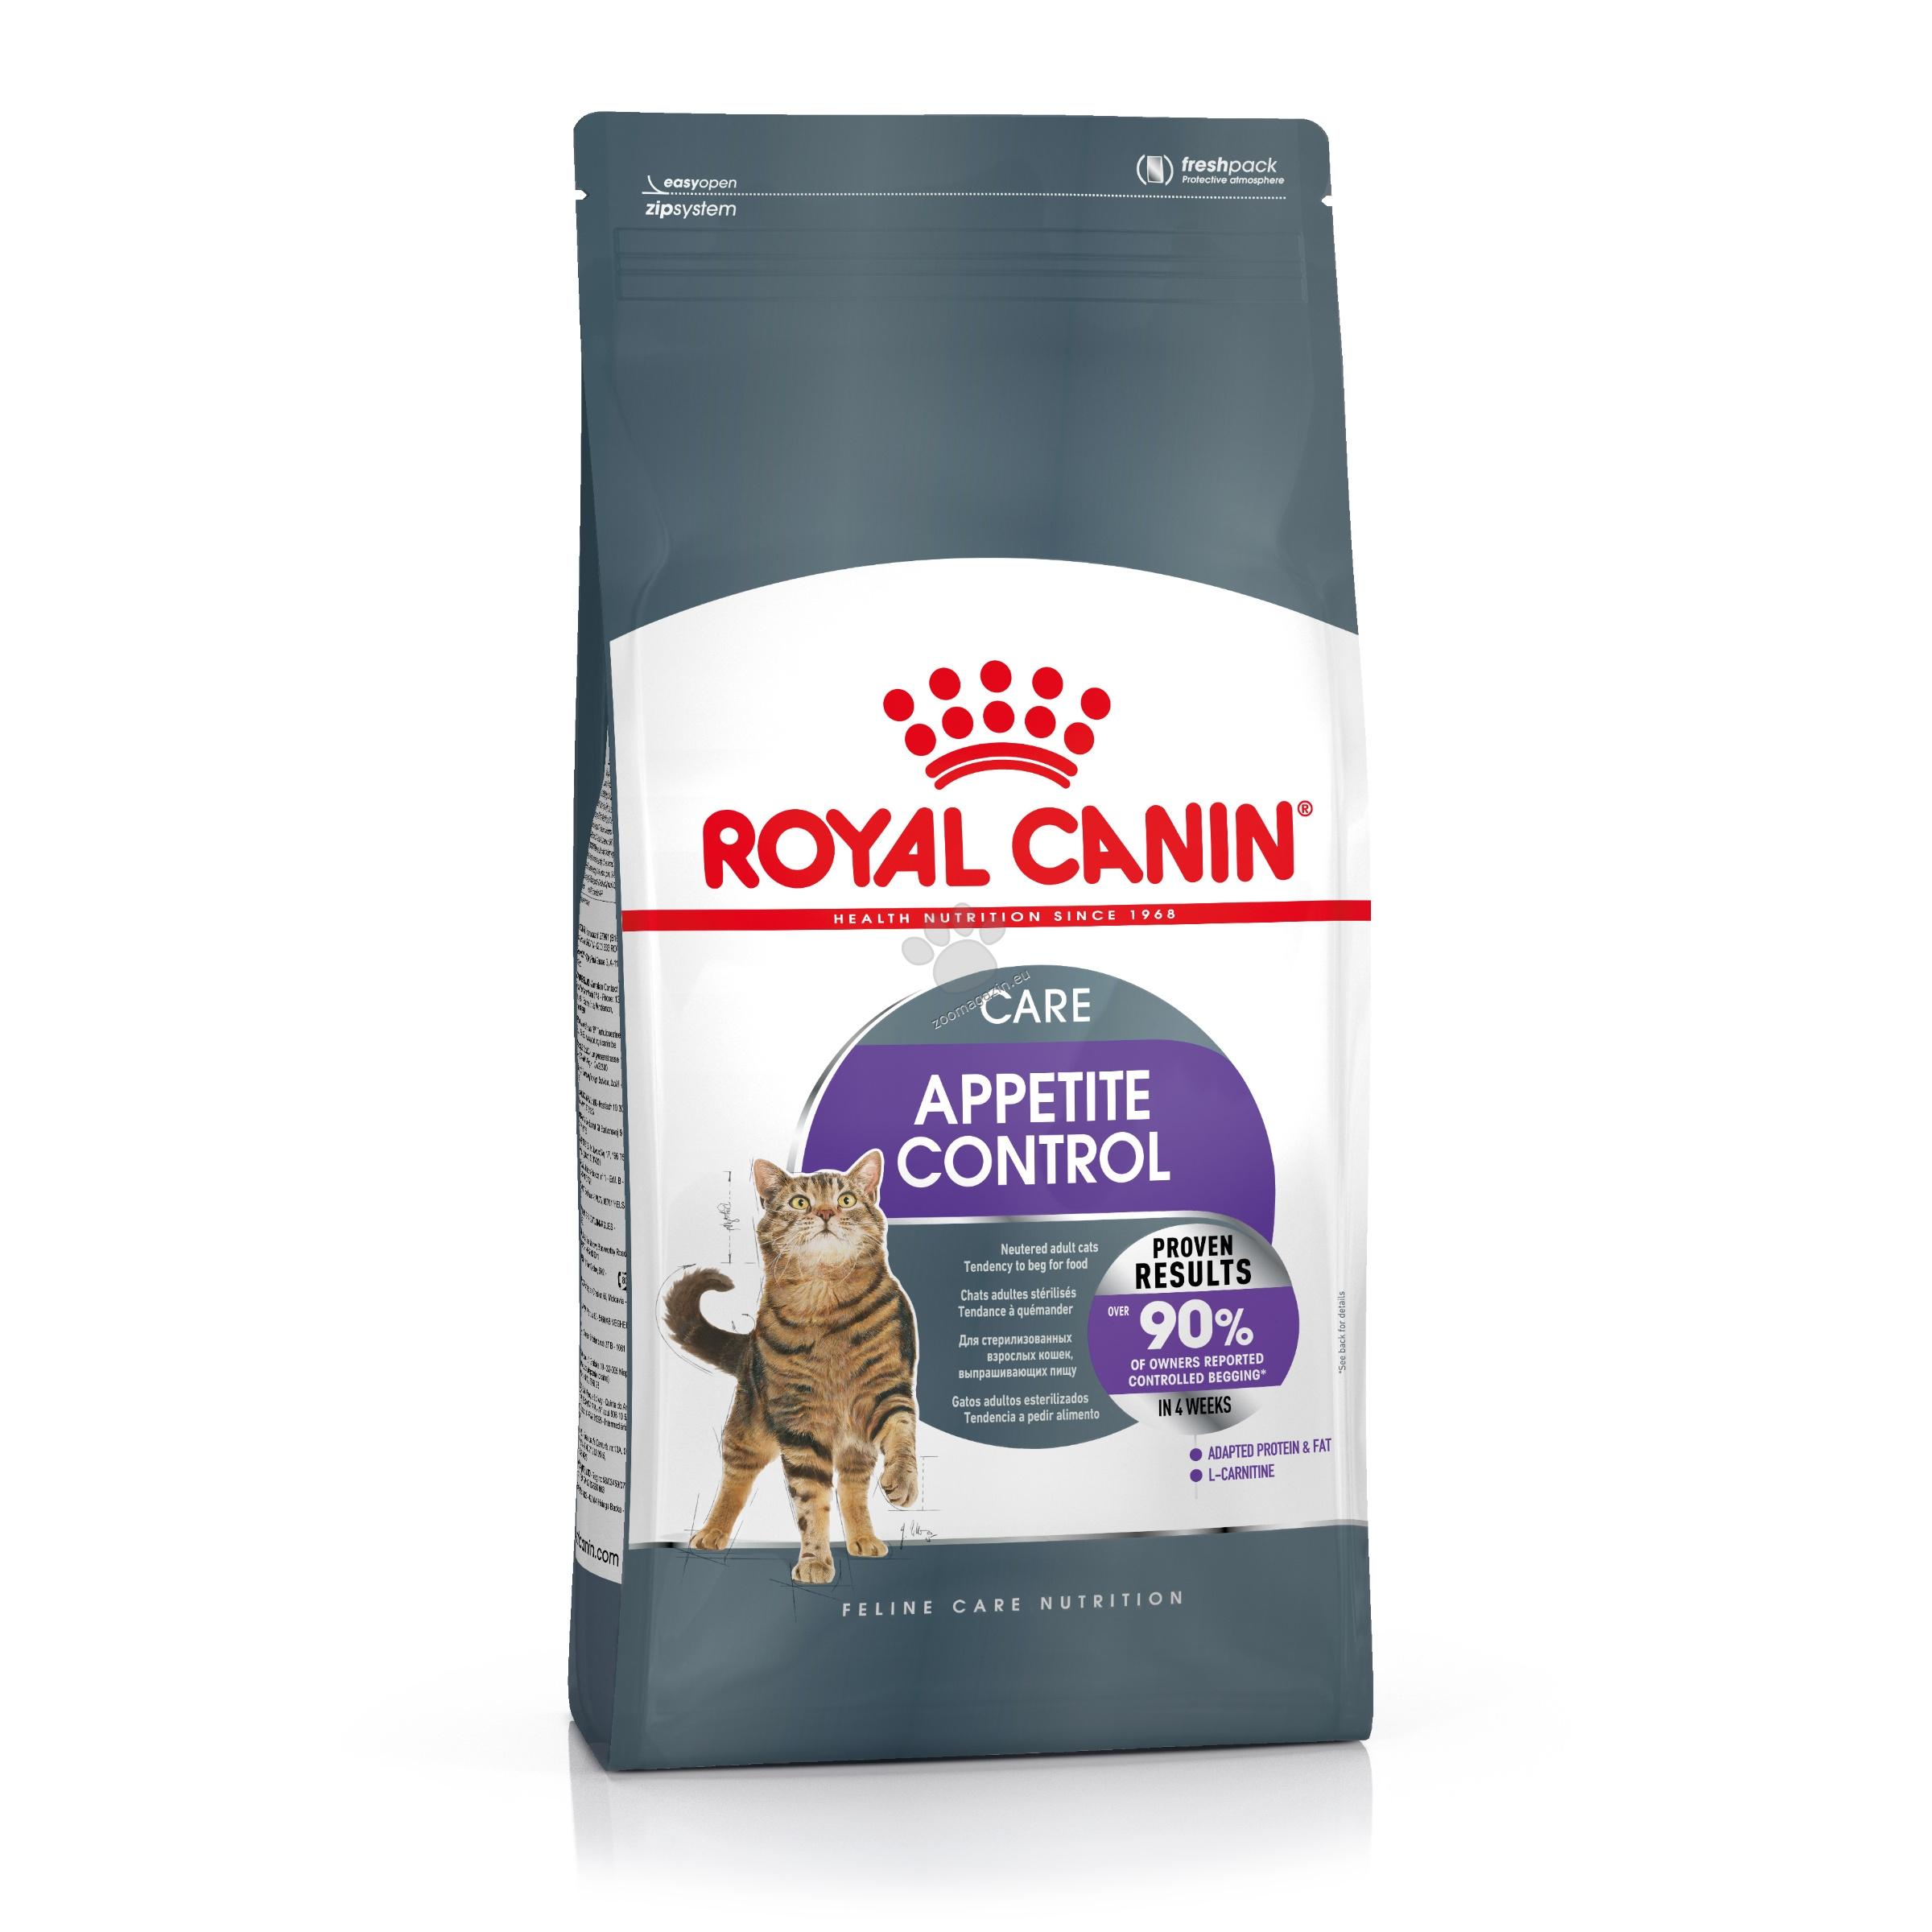 Royal Canin Appetite Control - пълноценна храна за котки в зряла възраст за контролиране поведението на просене 10 кг.